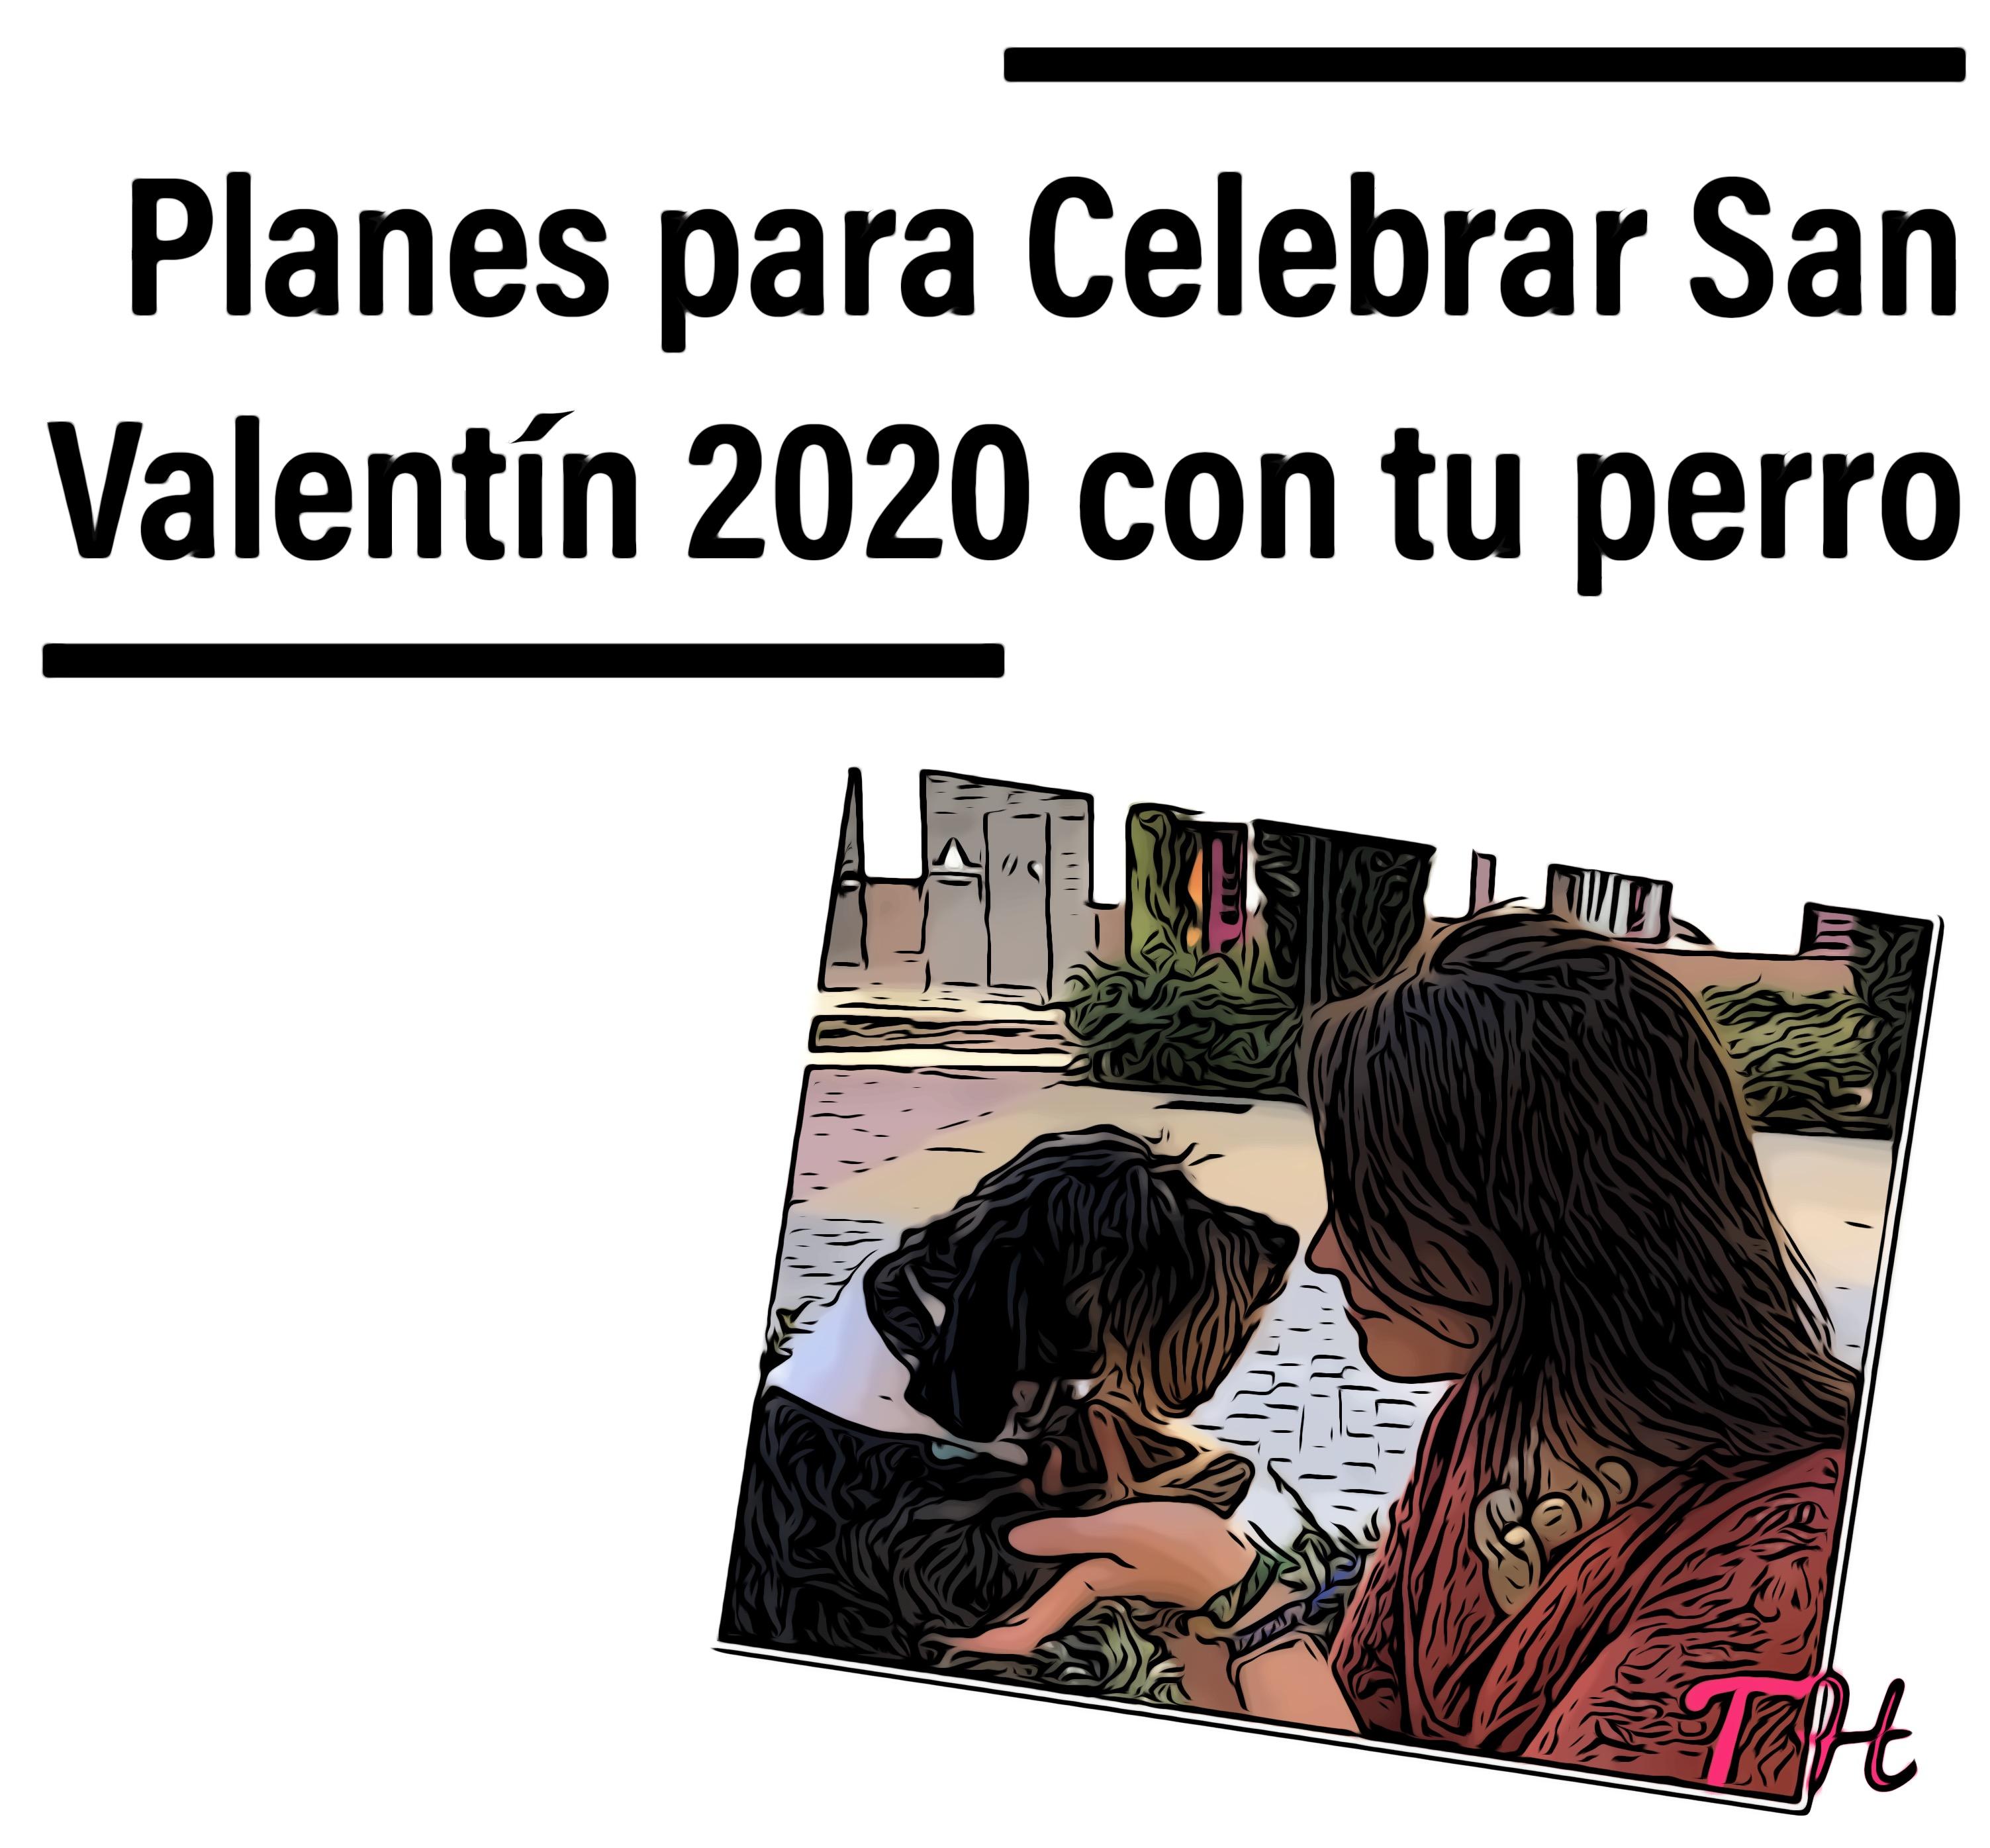 San Valentín 2020 con perro